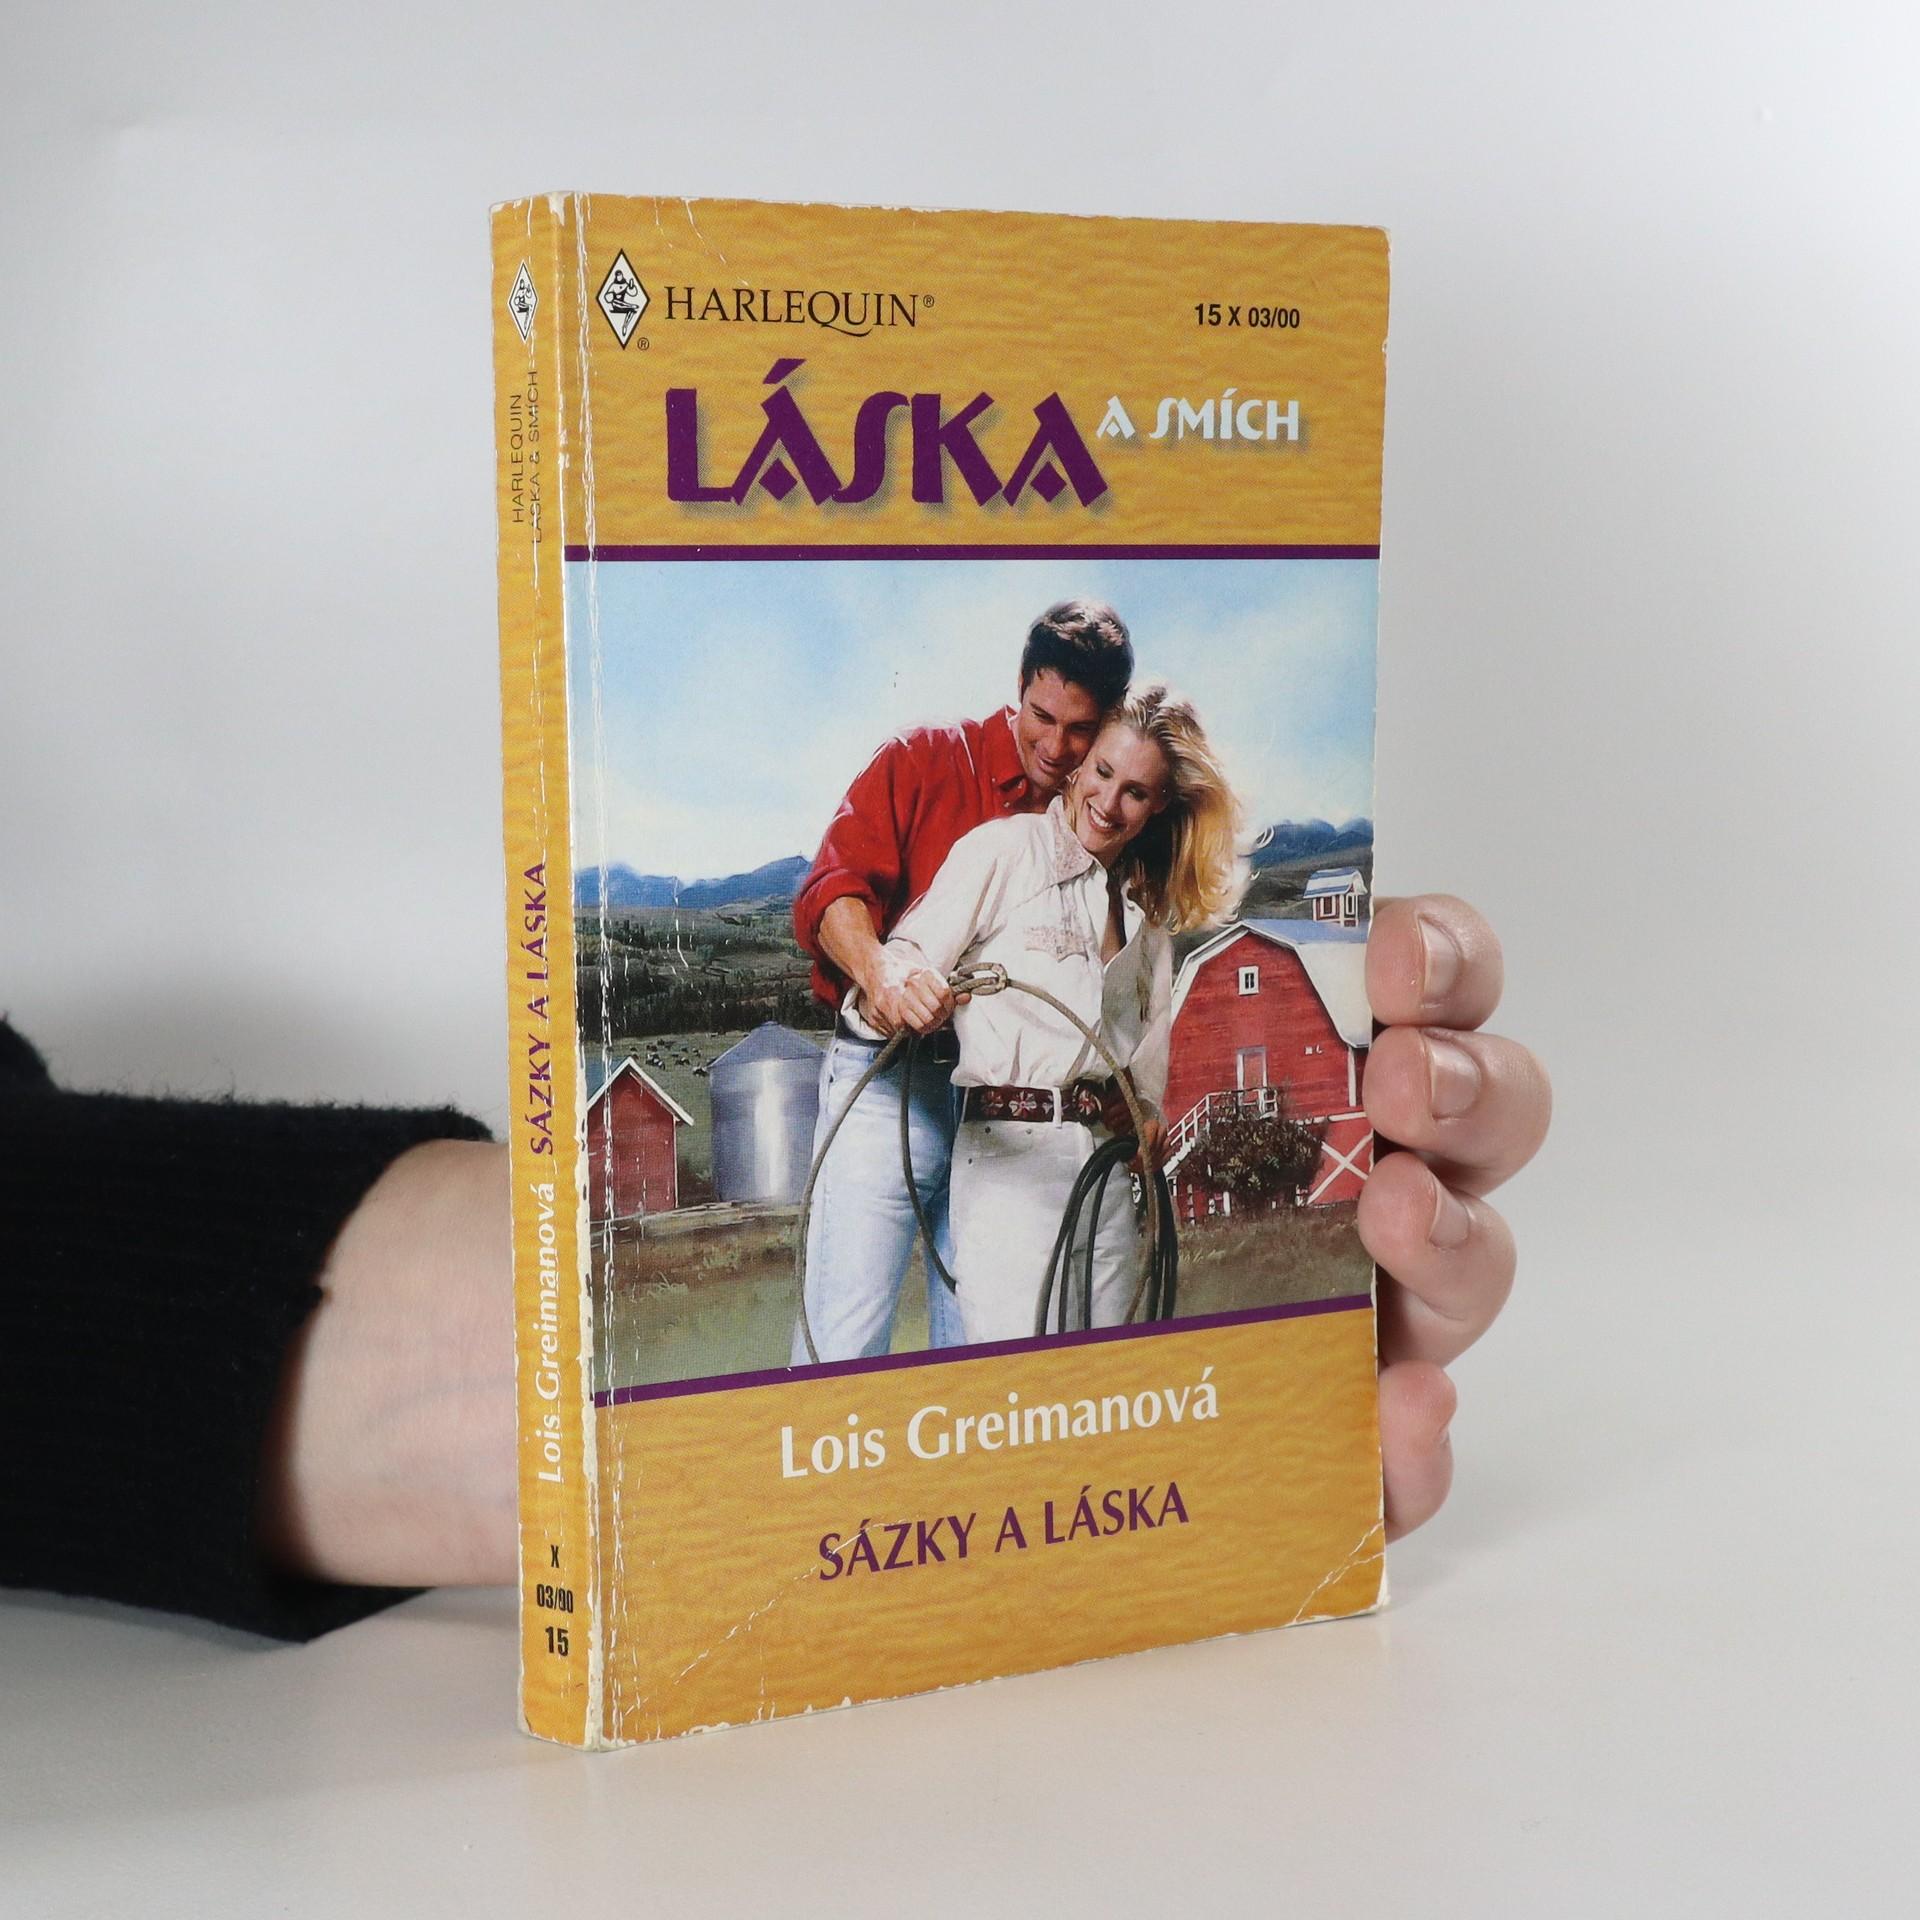 antikvární kniha Sázky a láska, 2000